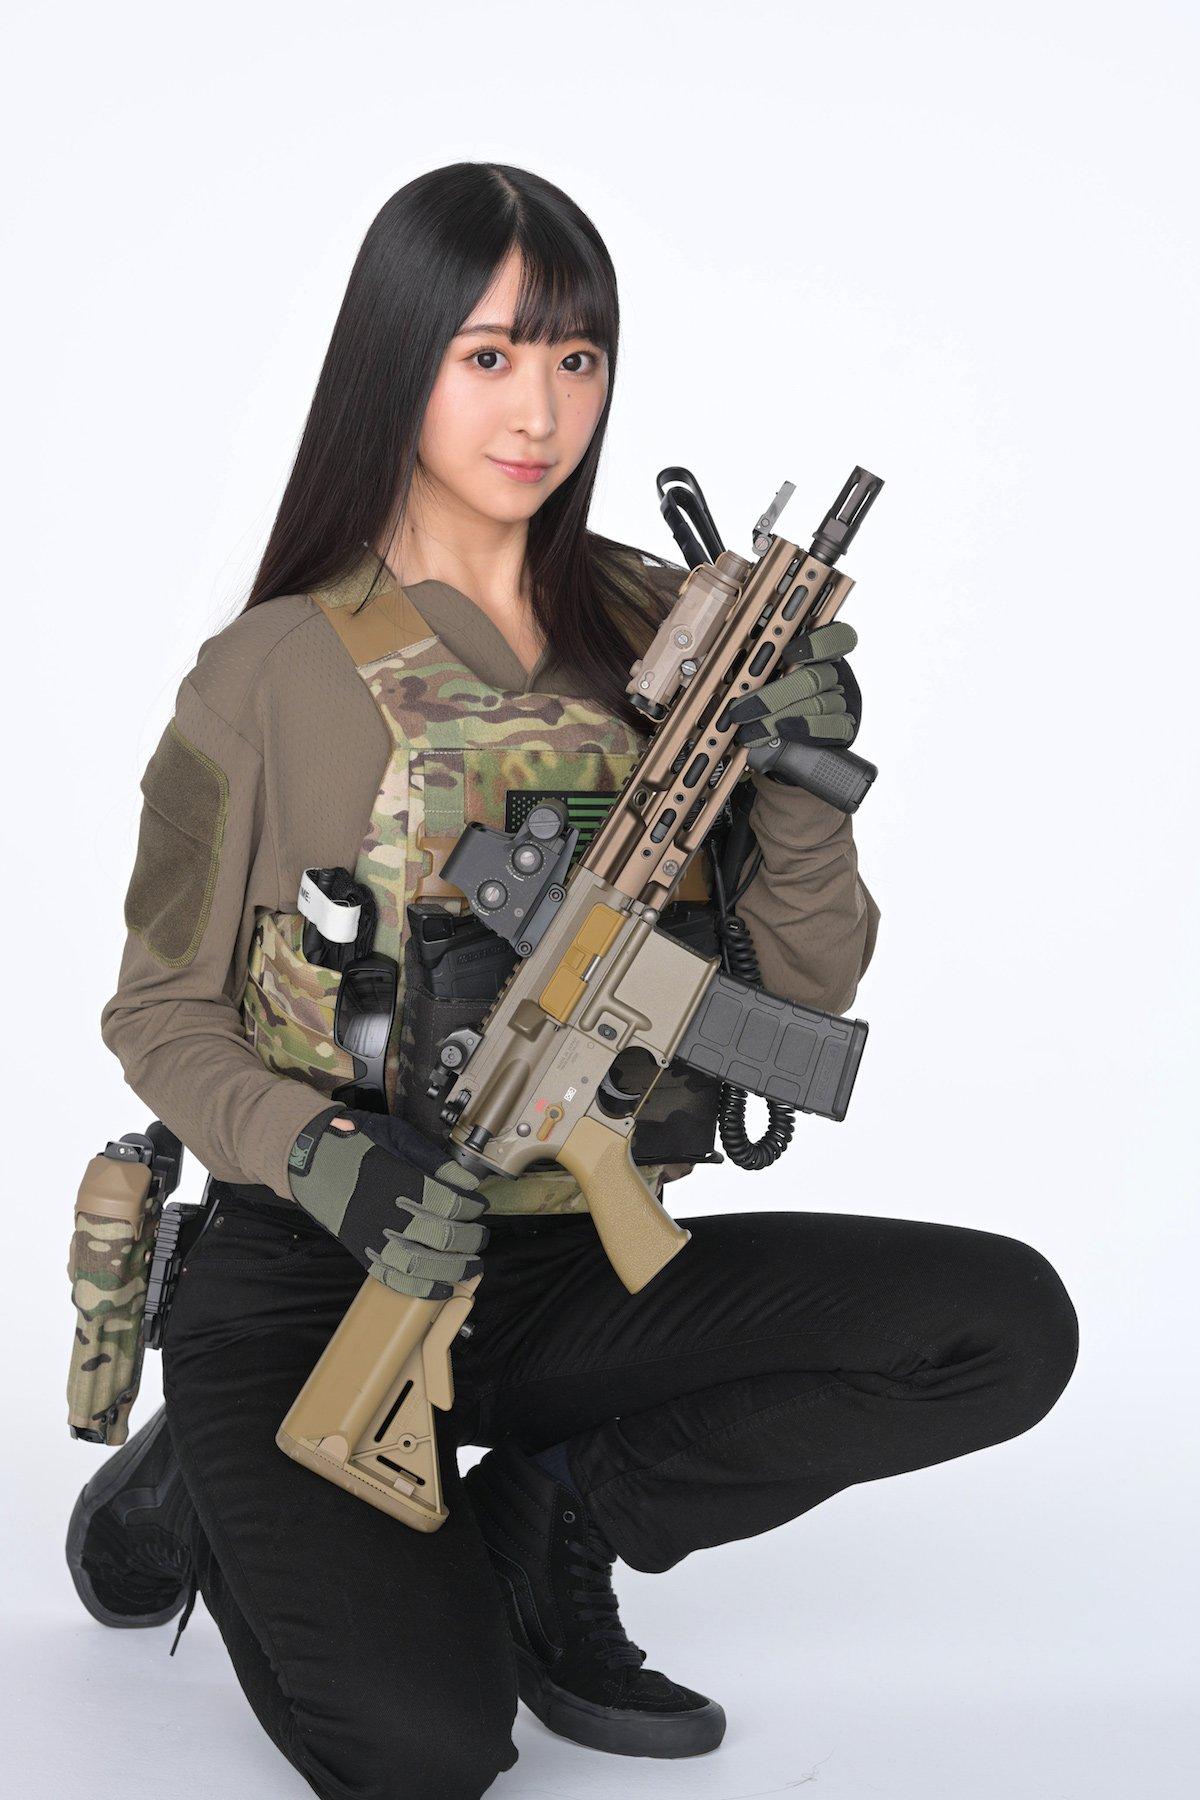 「タンクトップで銃撃戦!?」真島なおみが『月刊アームズ・マガジン』表紙に登場!【画像10枚】の画像004